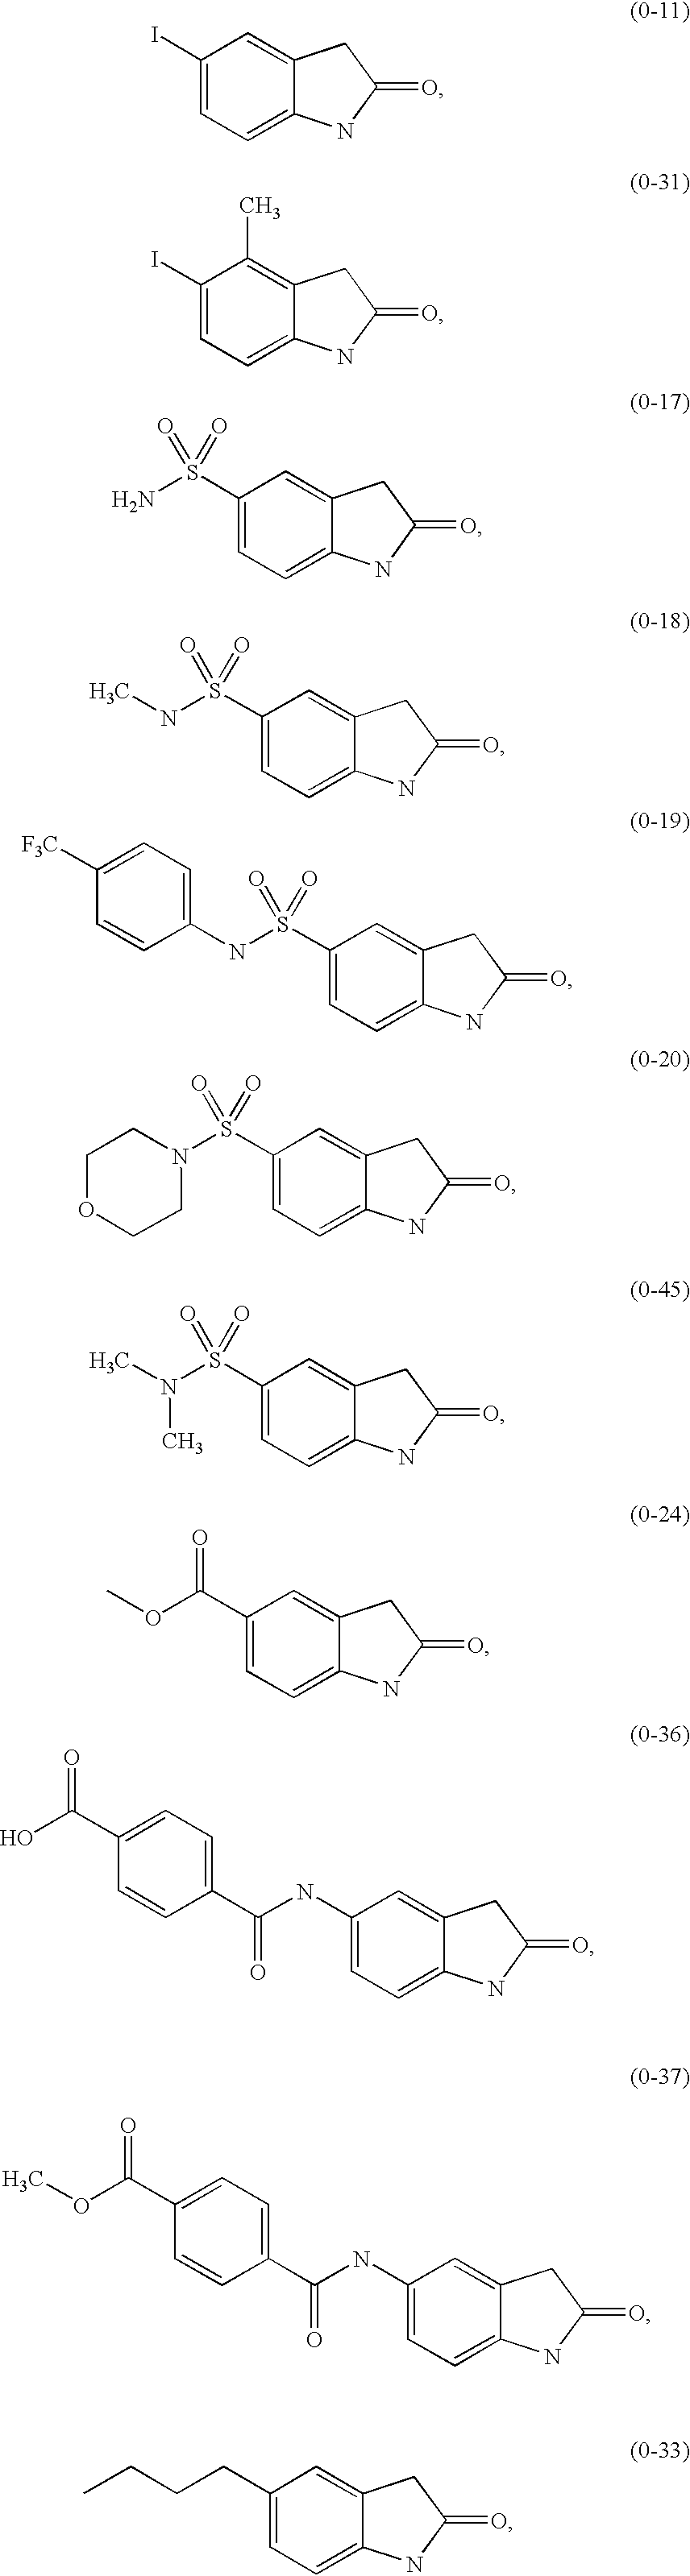 Figure US20030203901A1-20031030-C00033